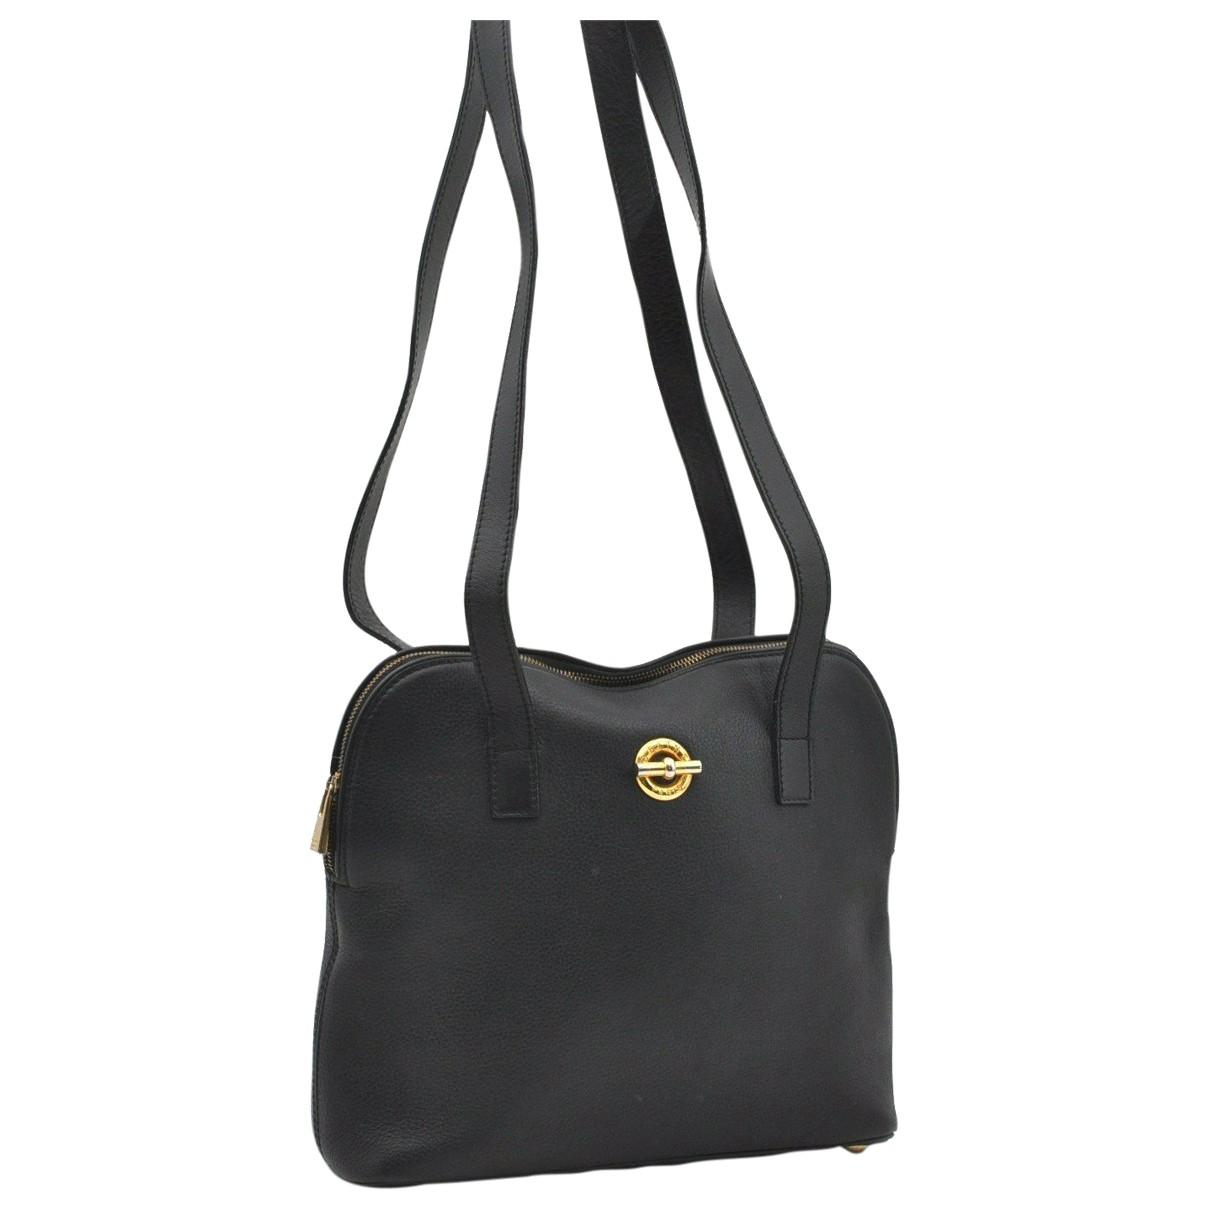 Celine N Black Leather handbag for Women N